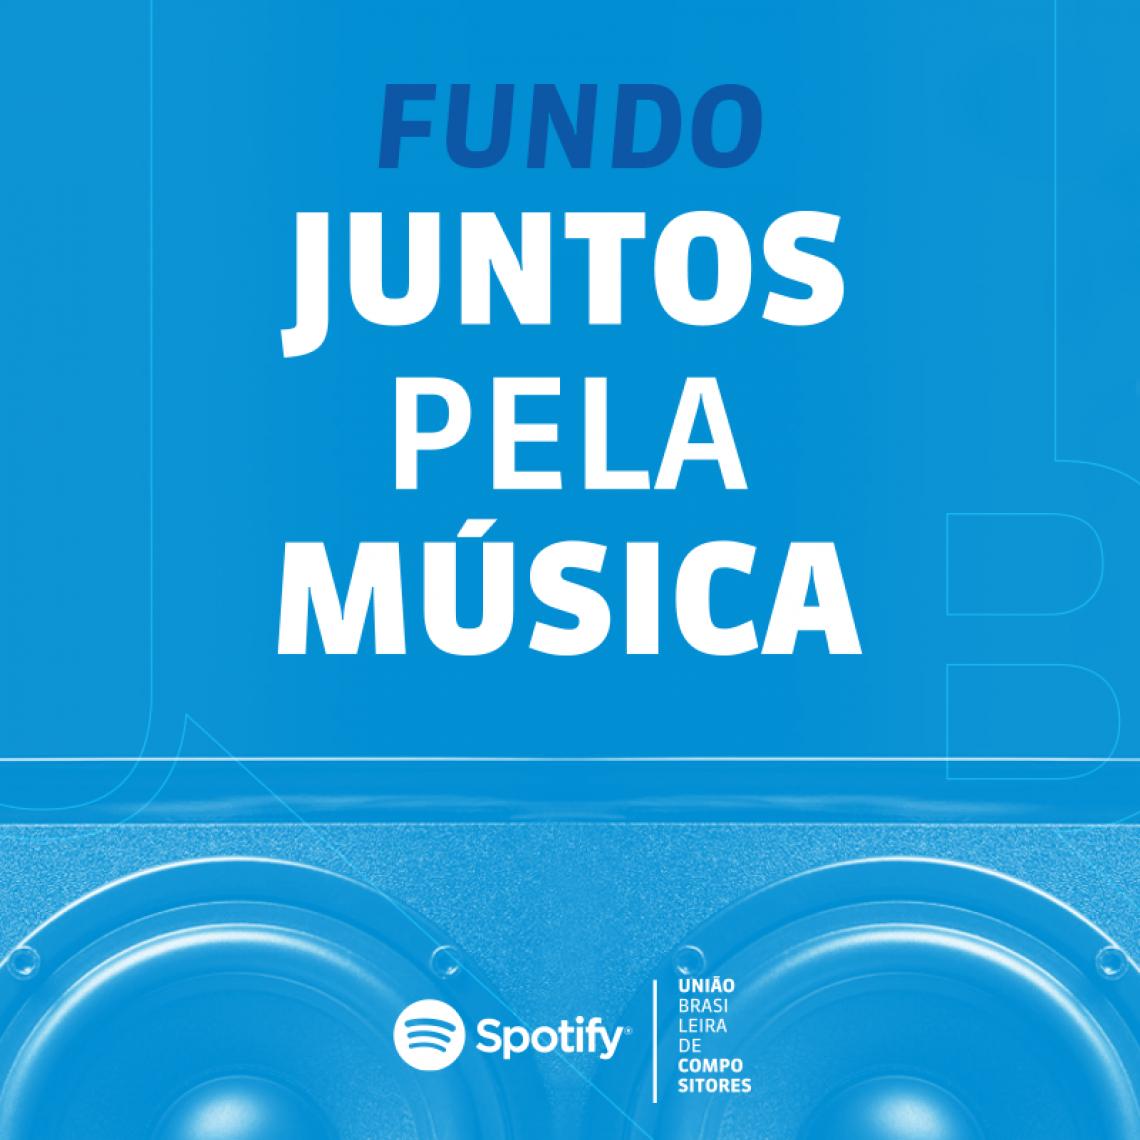 O fundo Juntos Pela Música tem apoio de diversos artistas